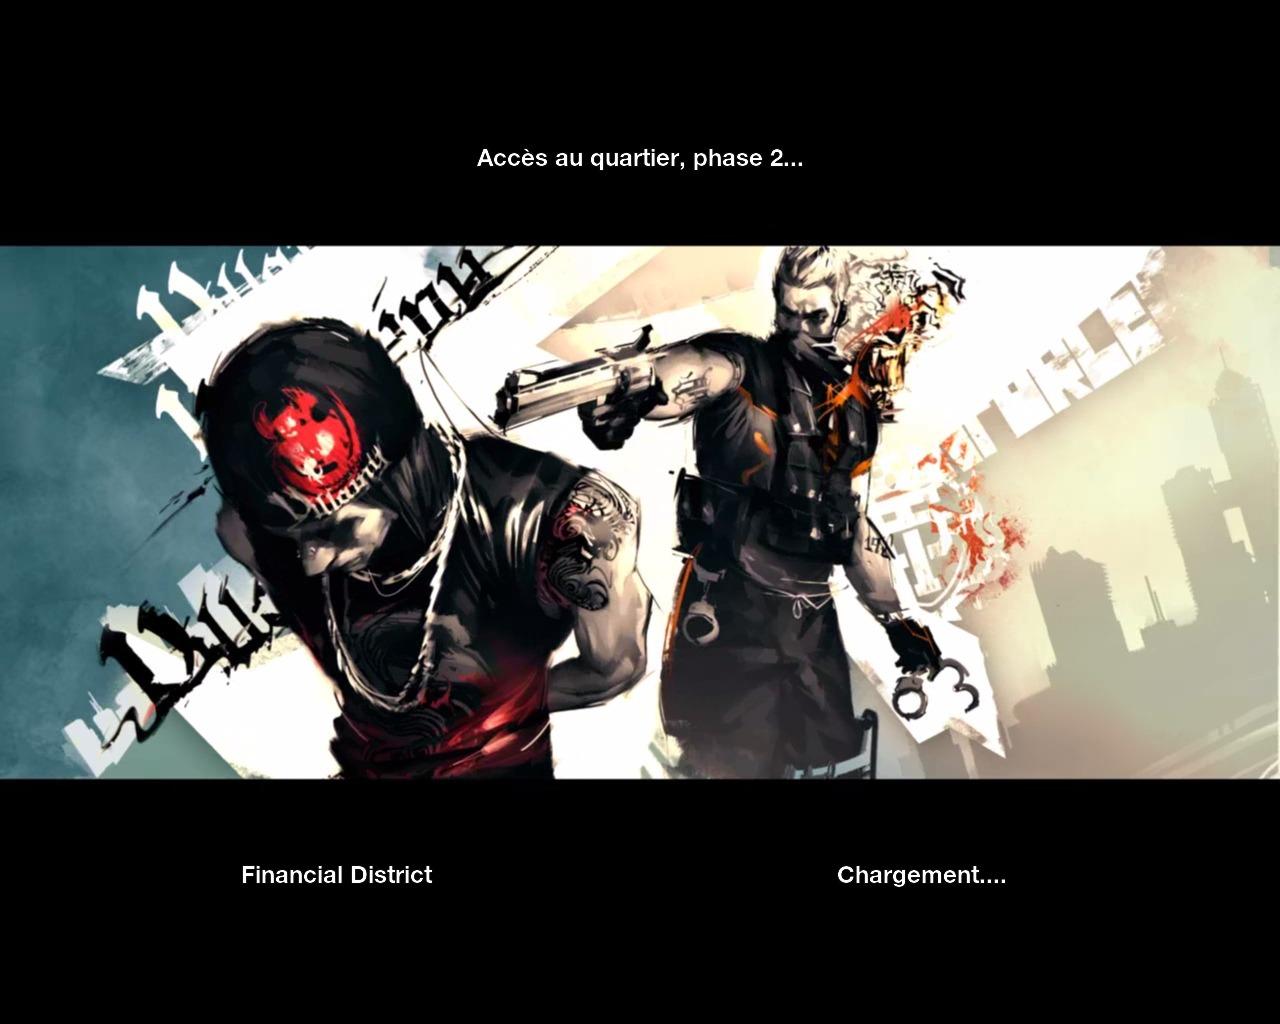 jeuxvideo.com APB : Reloaded - PC Image 78 sur 355